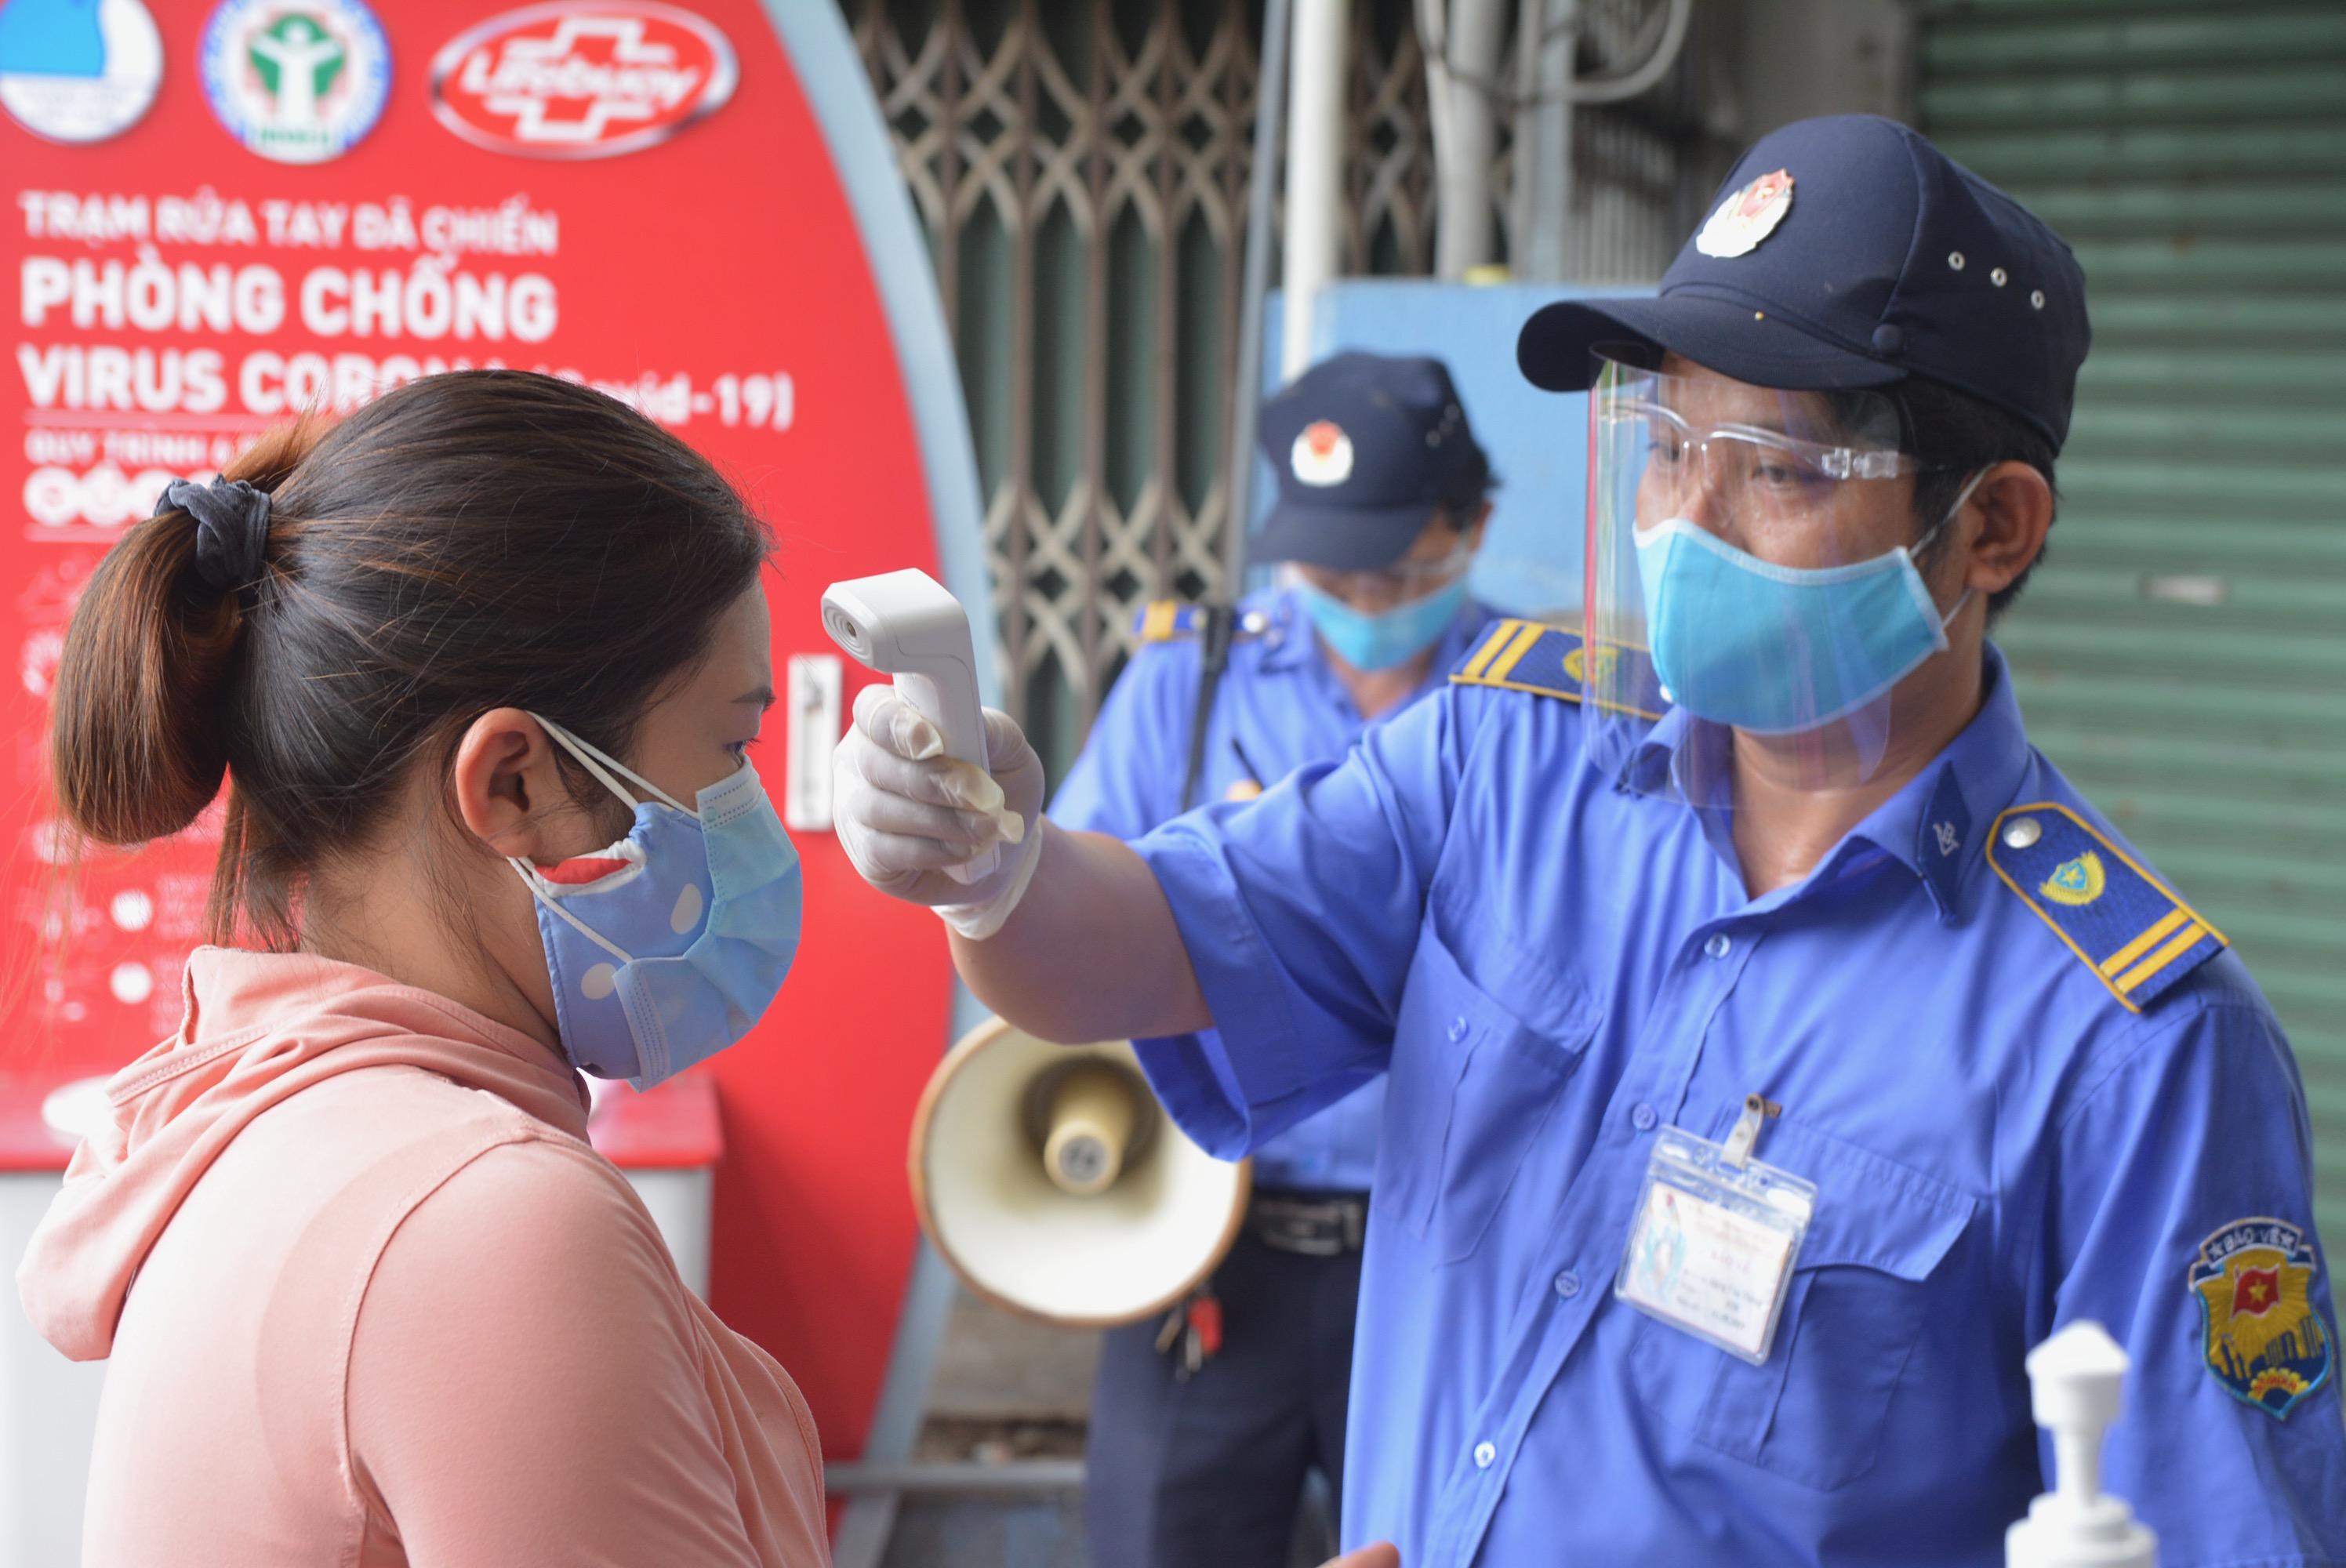 Cận cảnh lần đầu người dân Đà Nẵng dùng thẻ đi chợ - Ảnh 11.